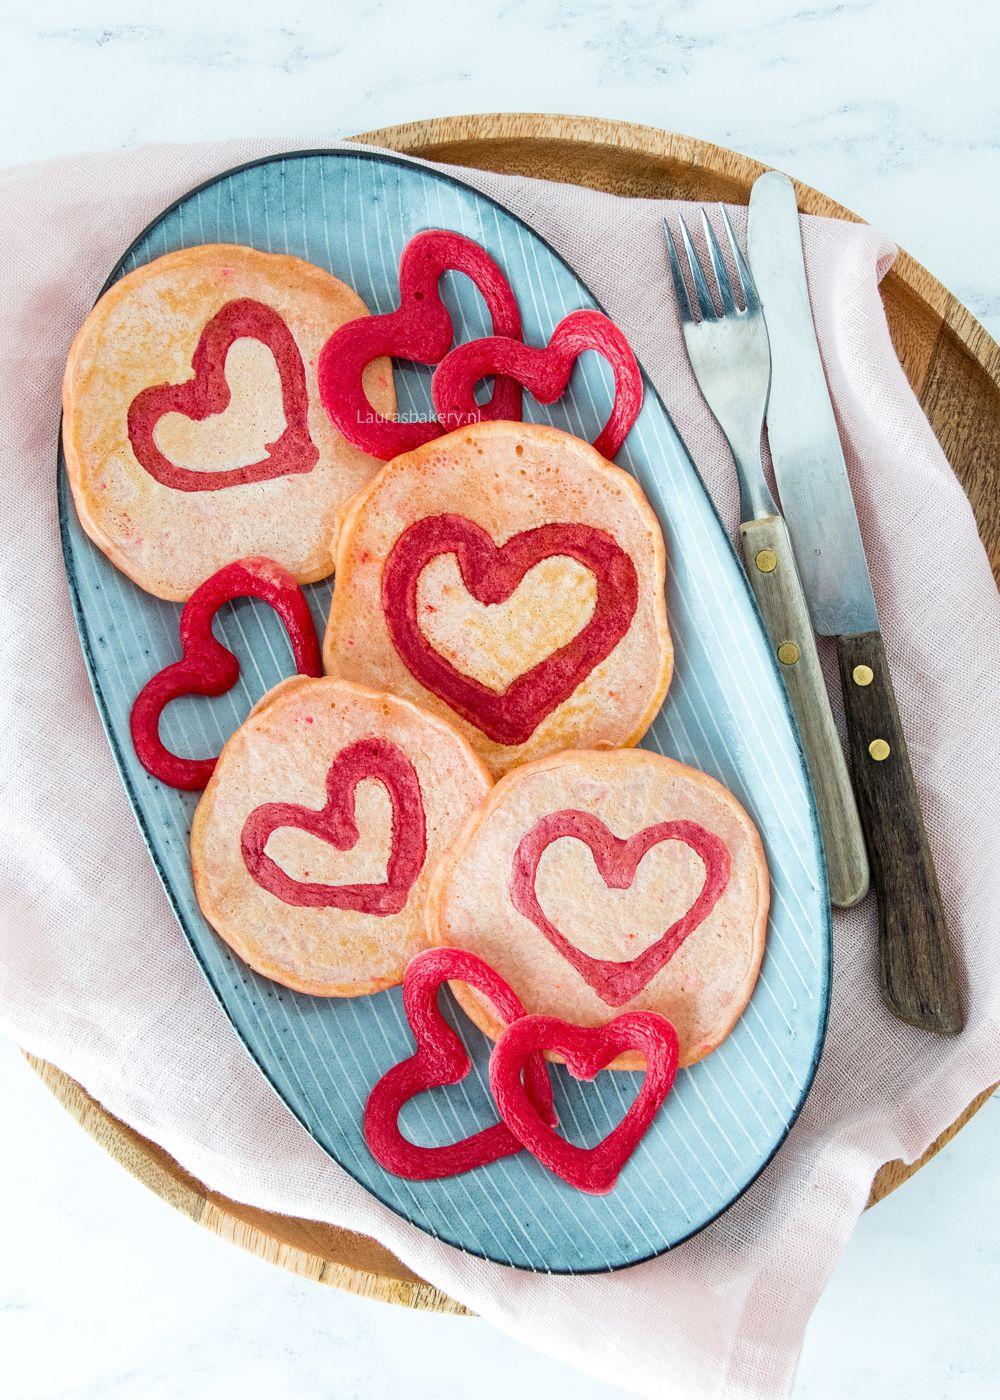 Valentijn pancakes met harten